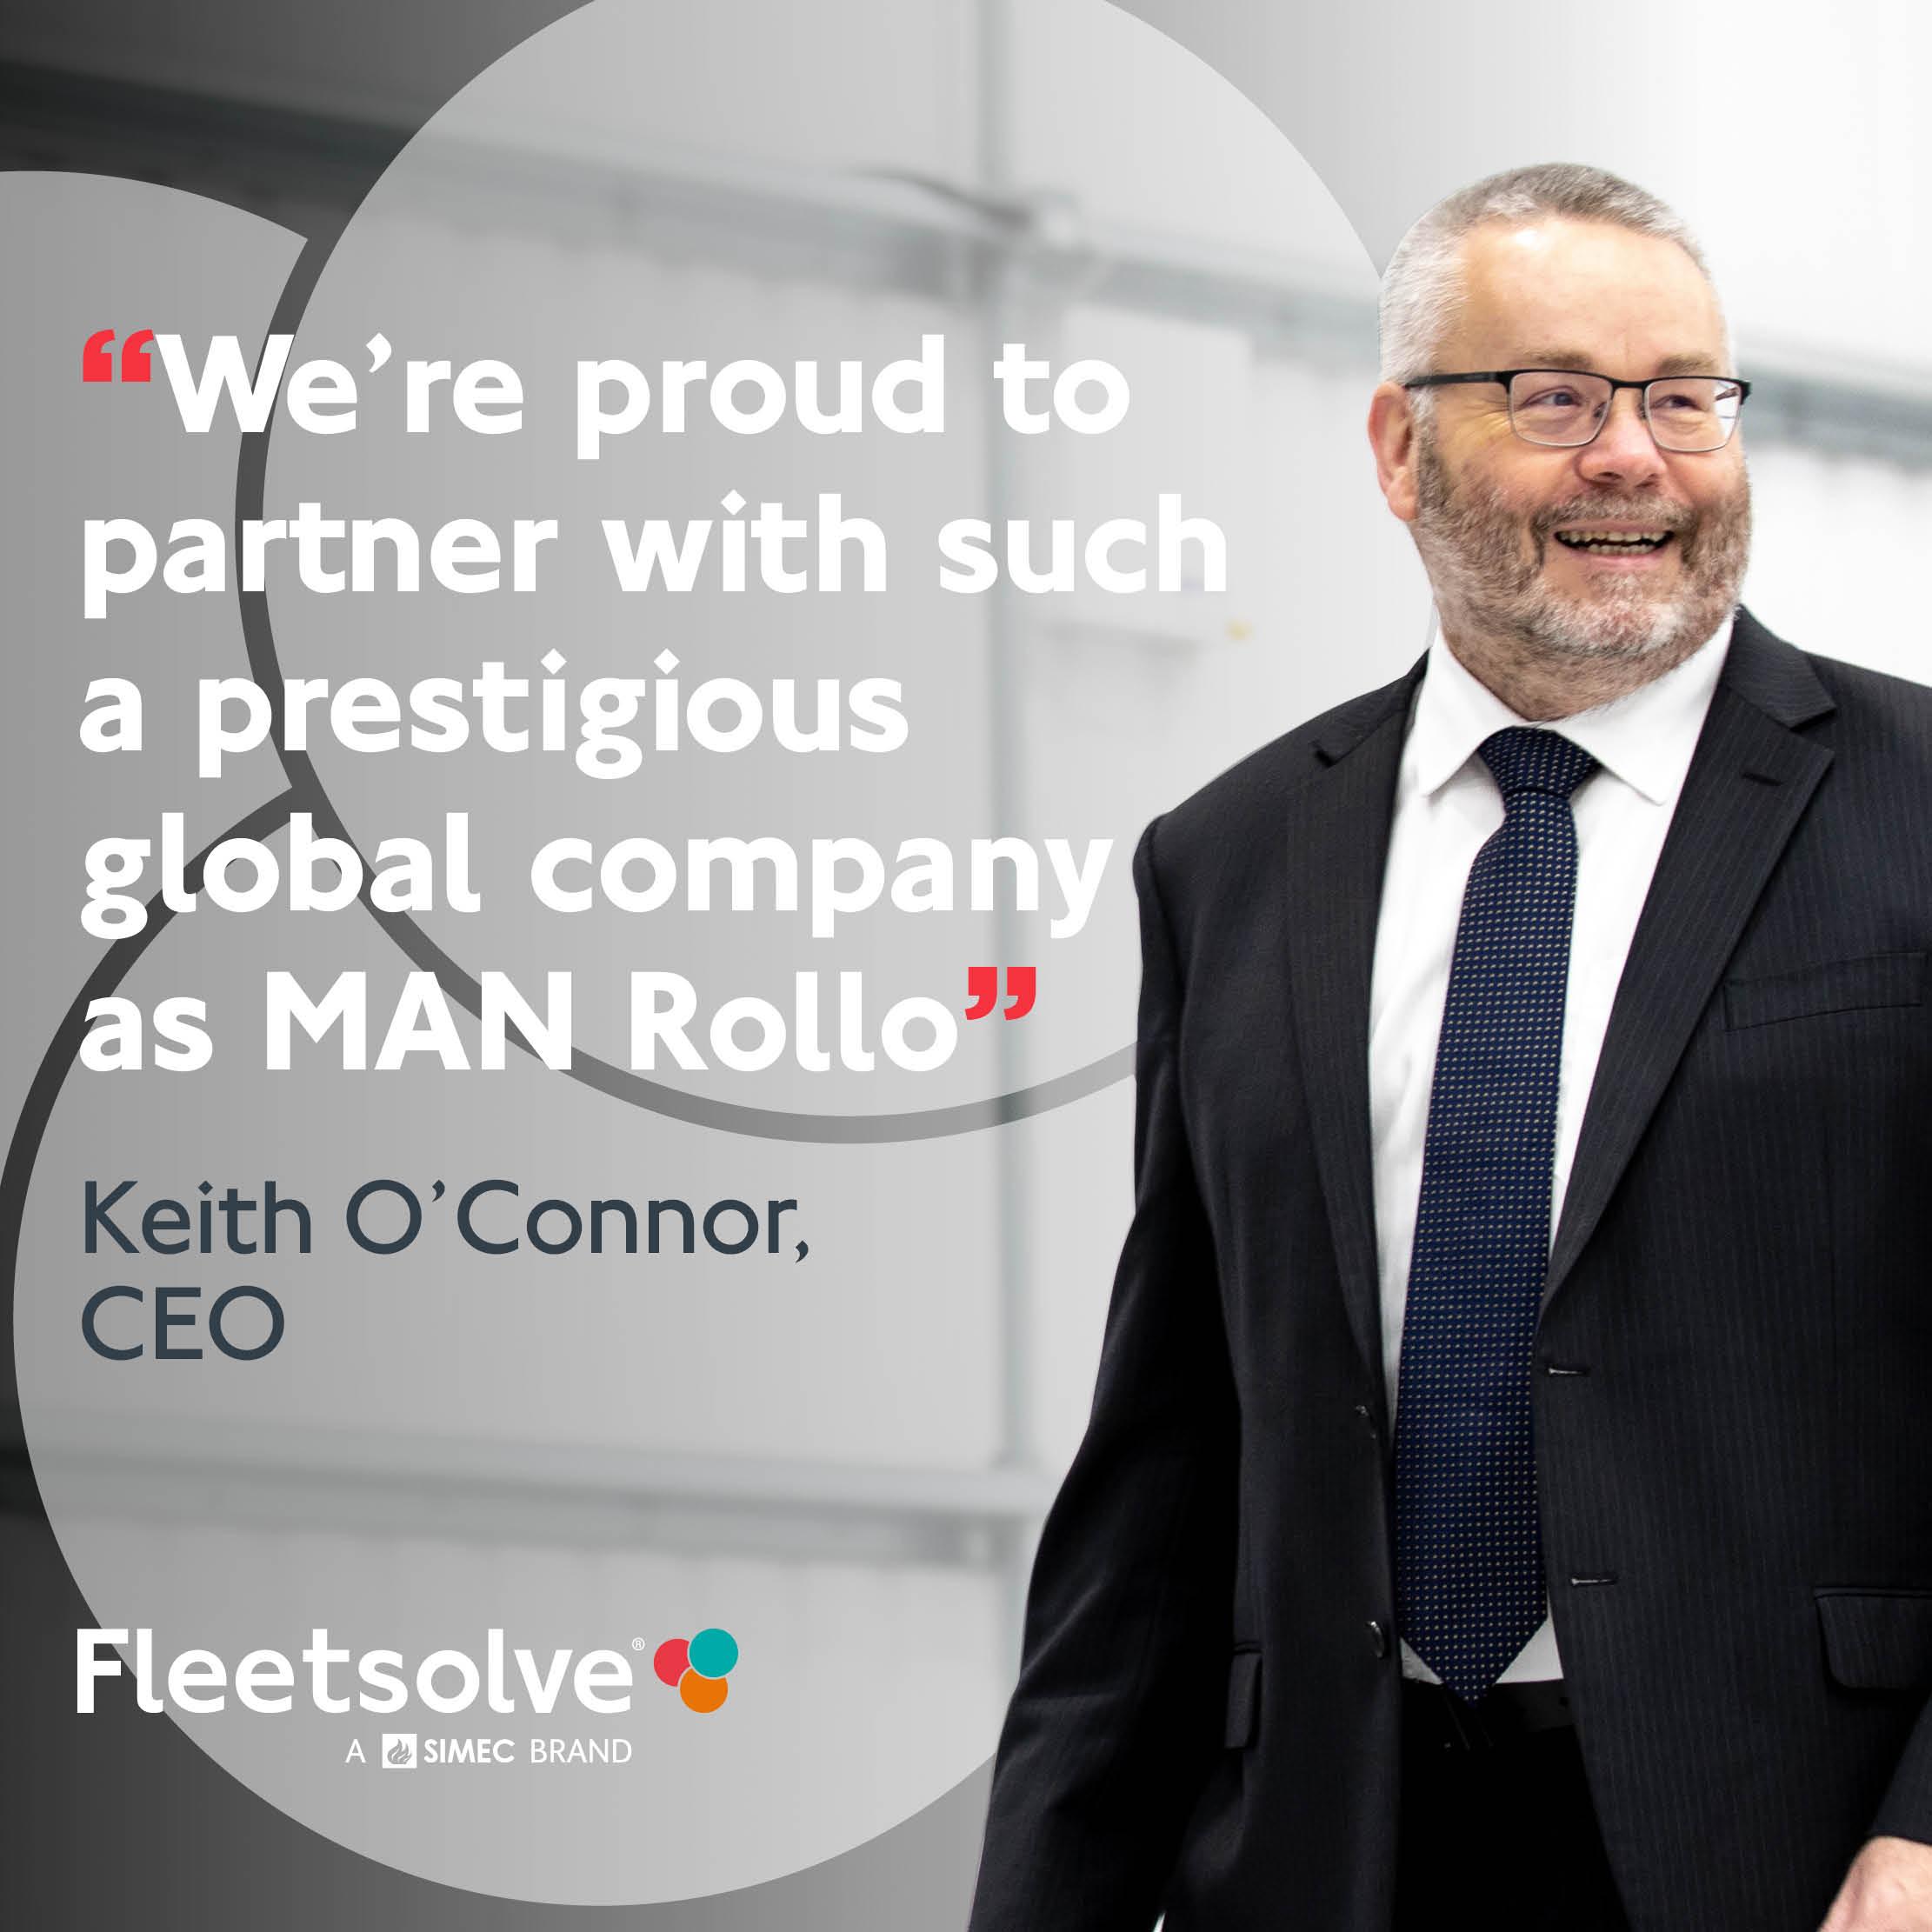 Keith quote Fleetsolve